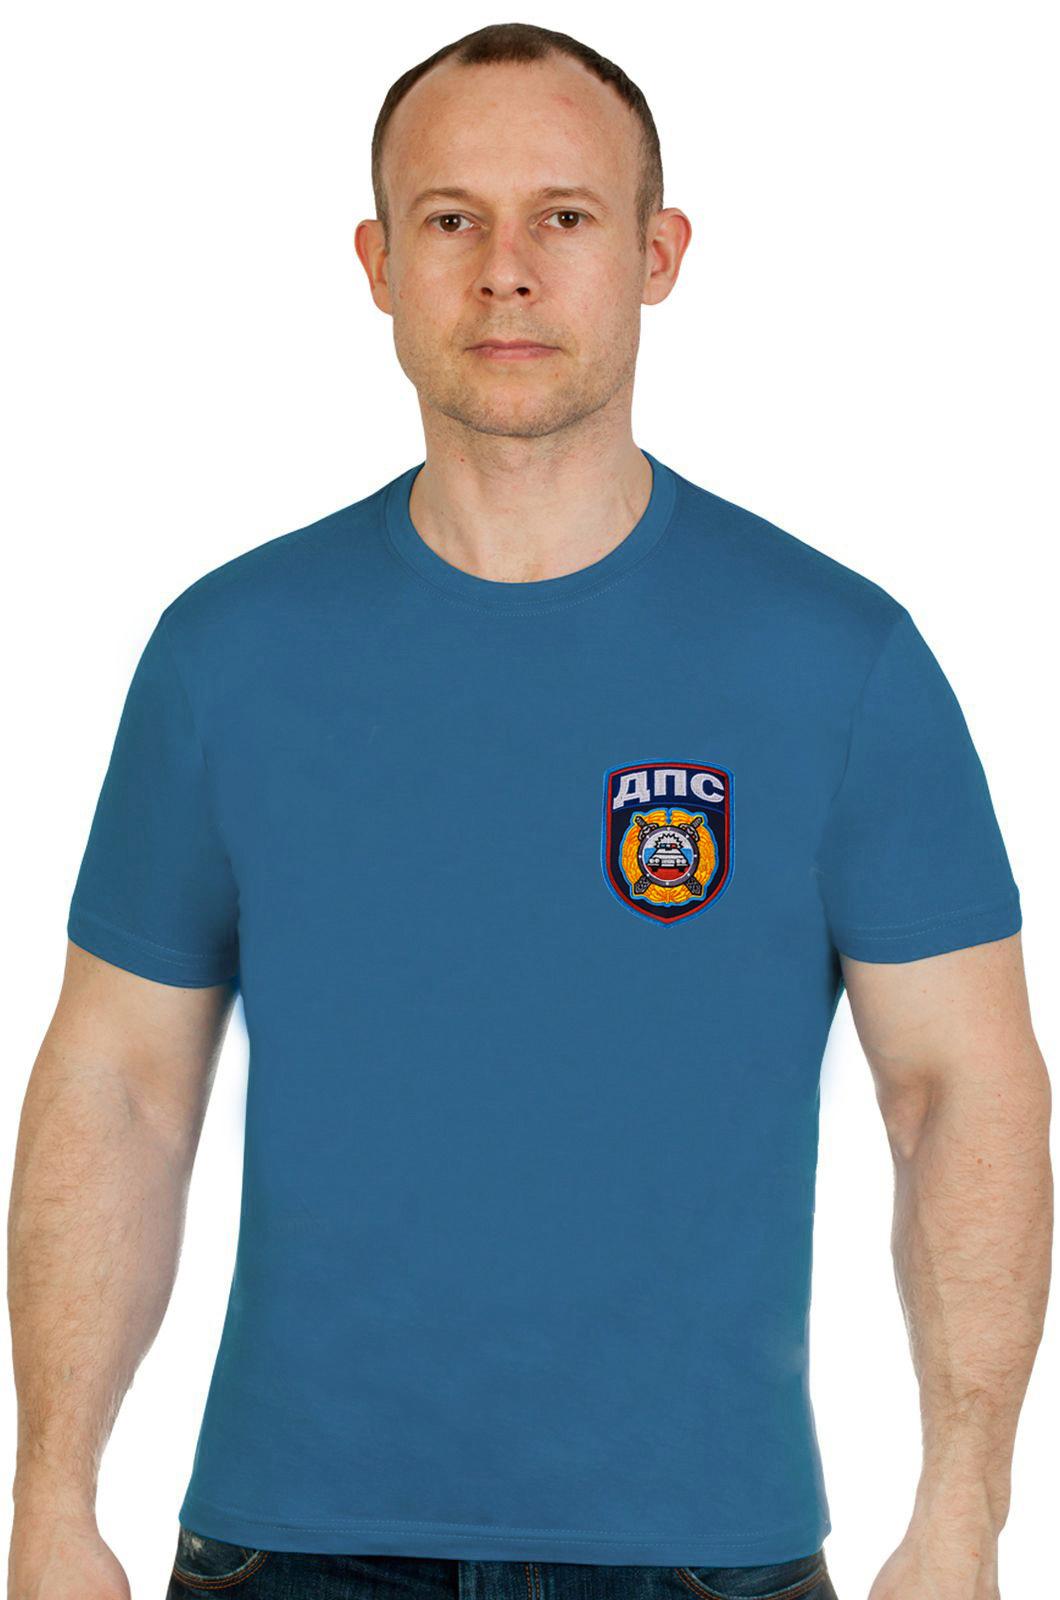 Купить практичную мужскую футболку с вышивкой ДПС оптом или в розницу